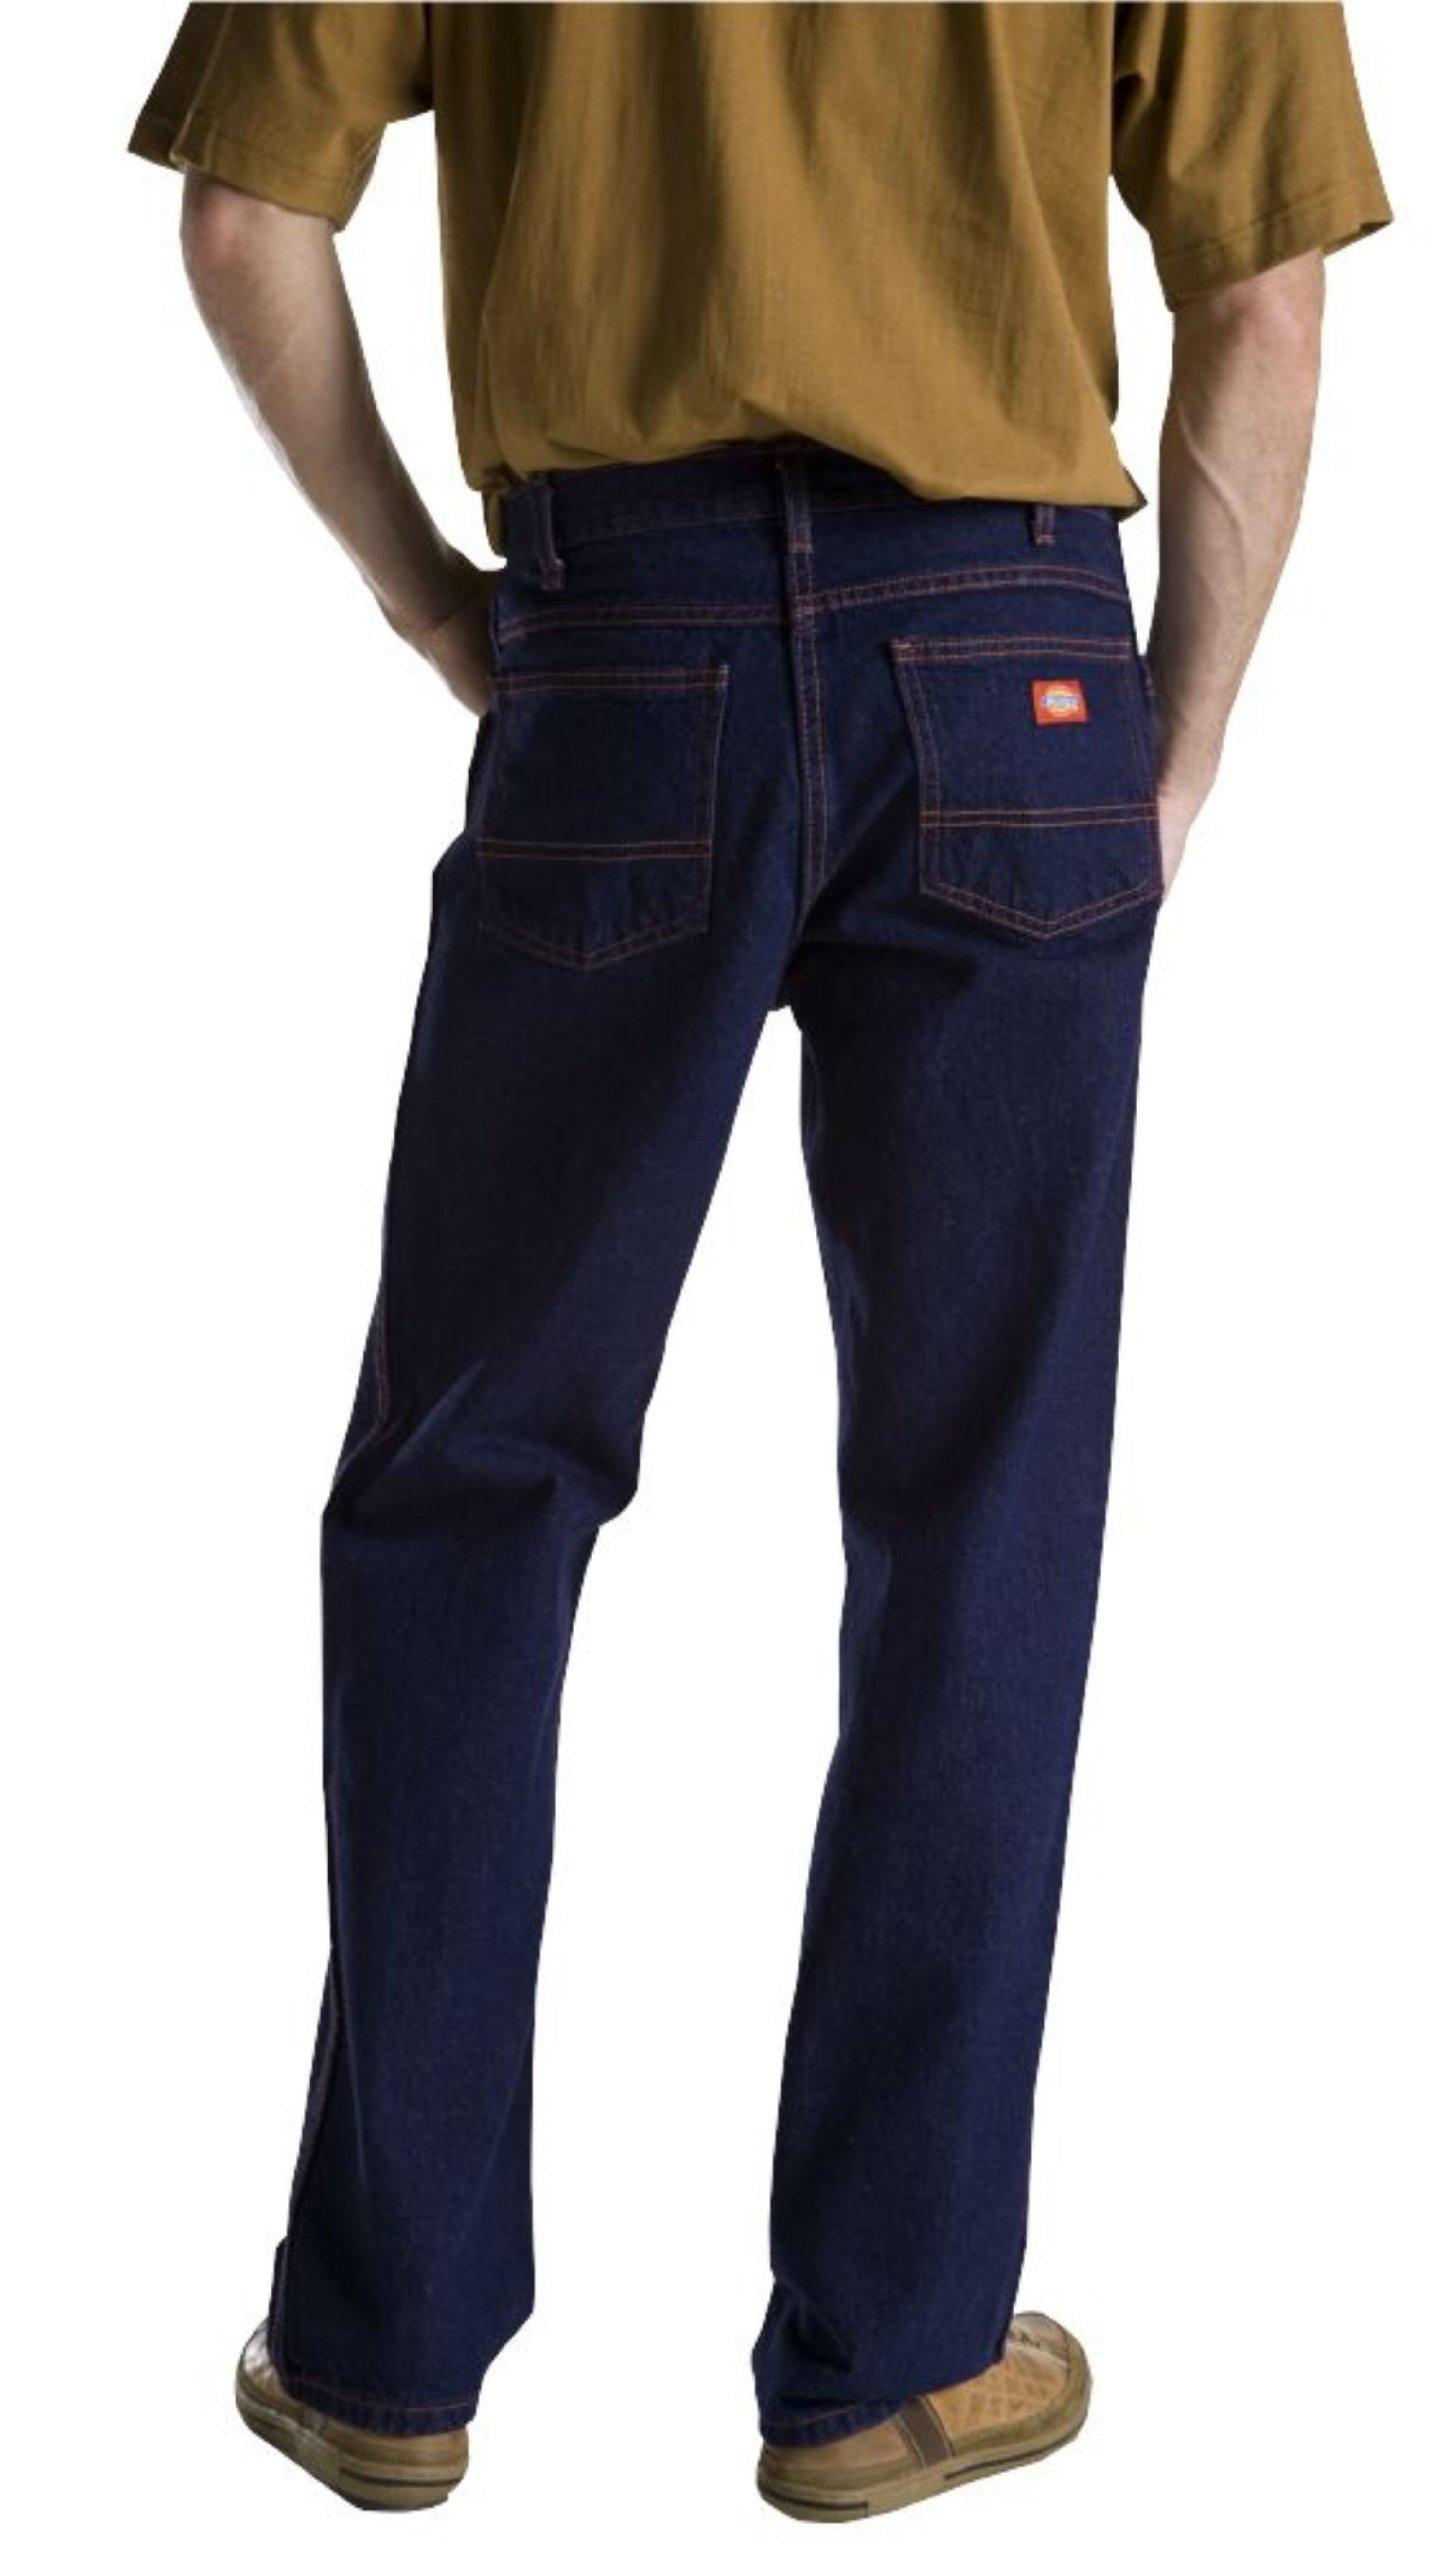 Dickies Men's Regular Fit 5-Pocket Jean,Indigo Blue Rigid,29x30